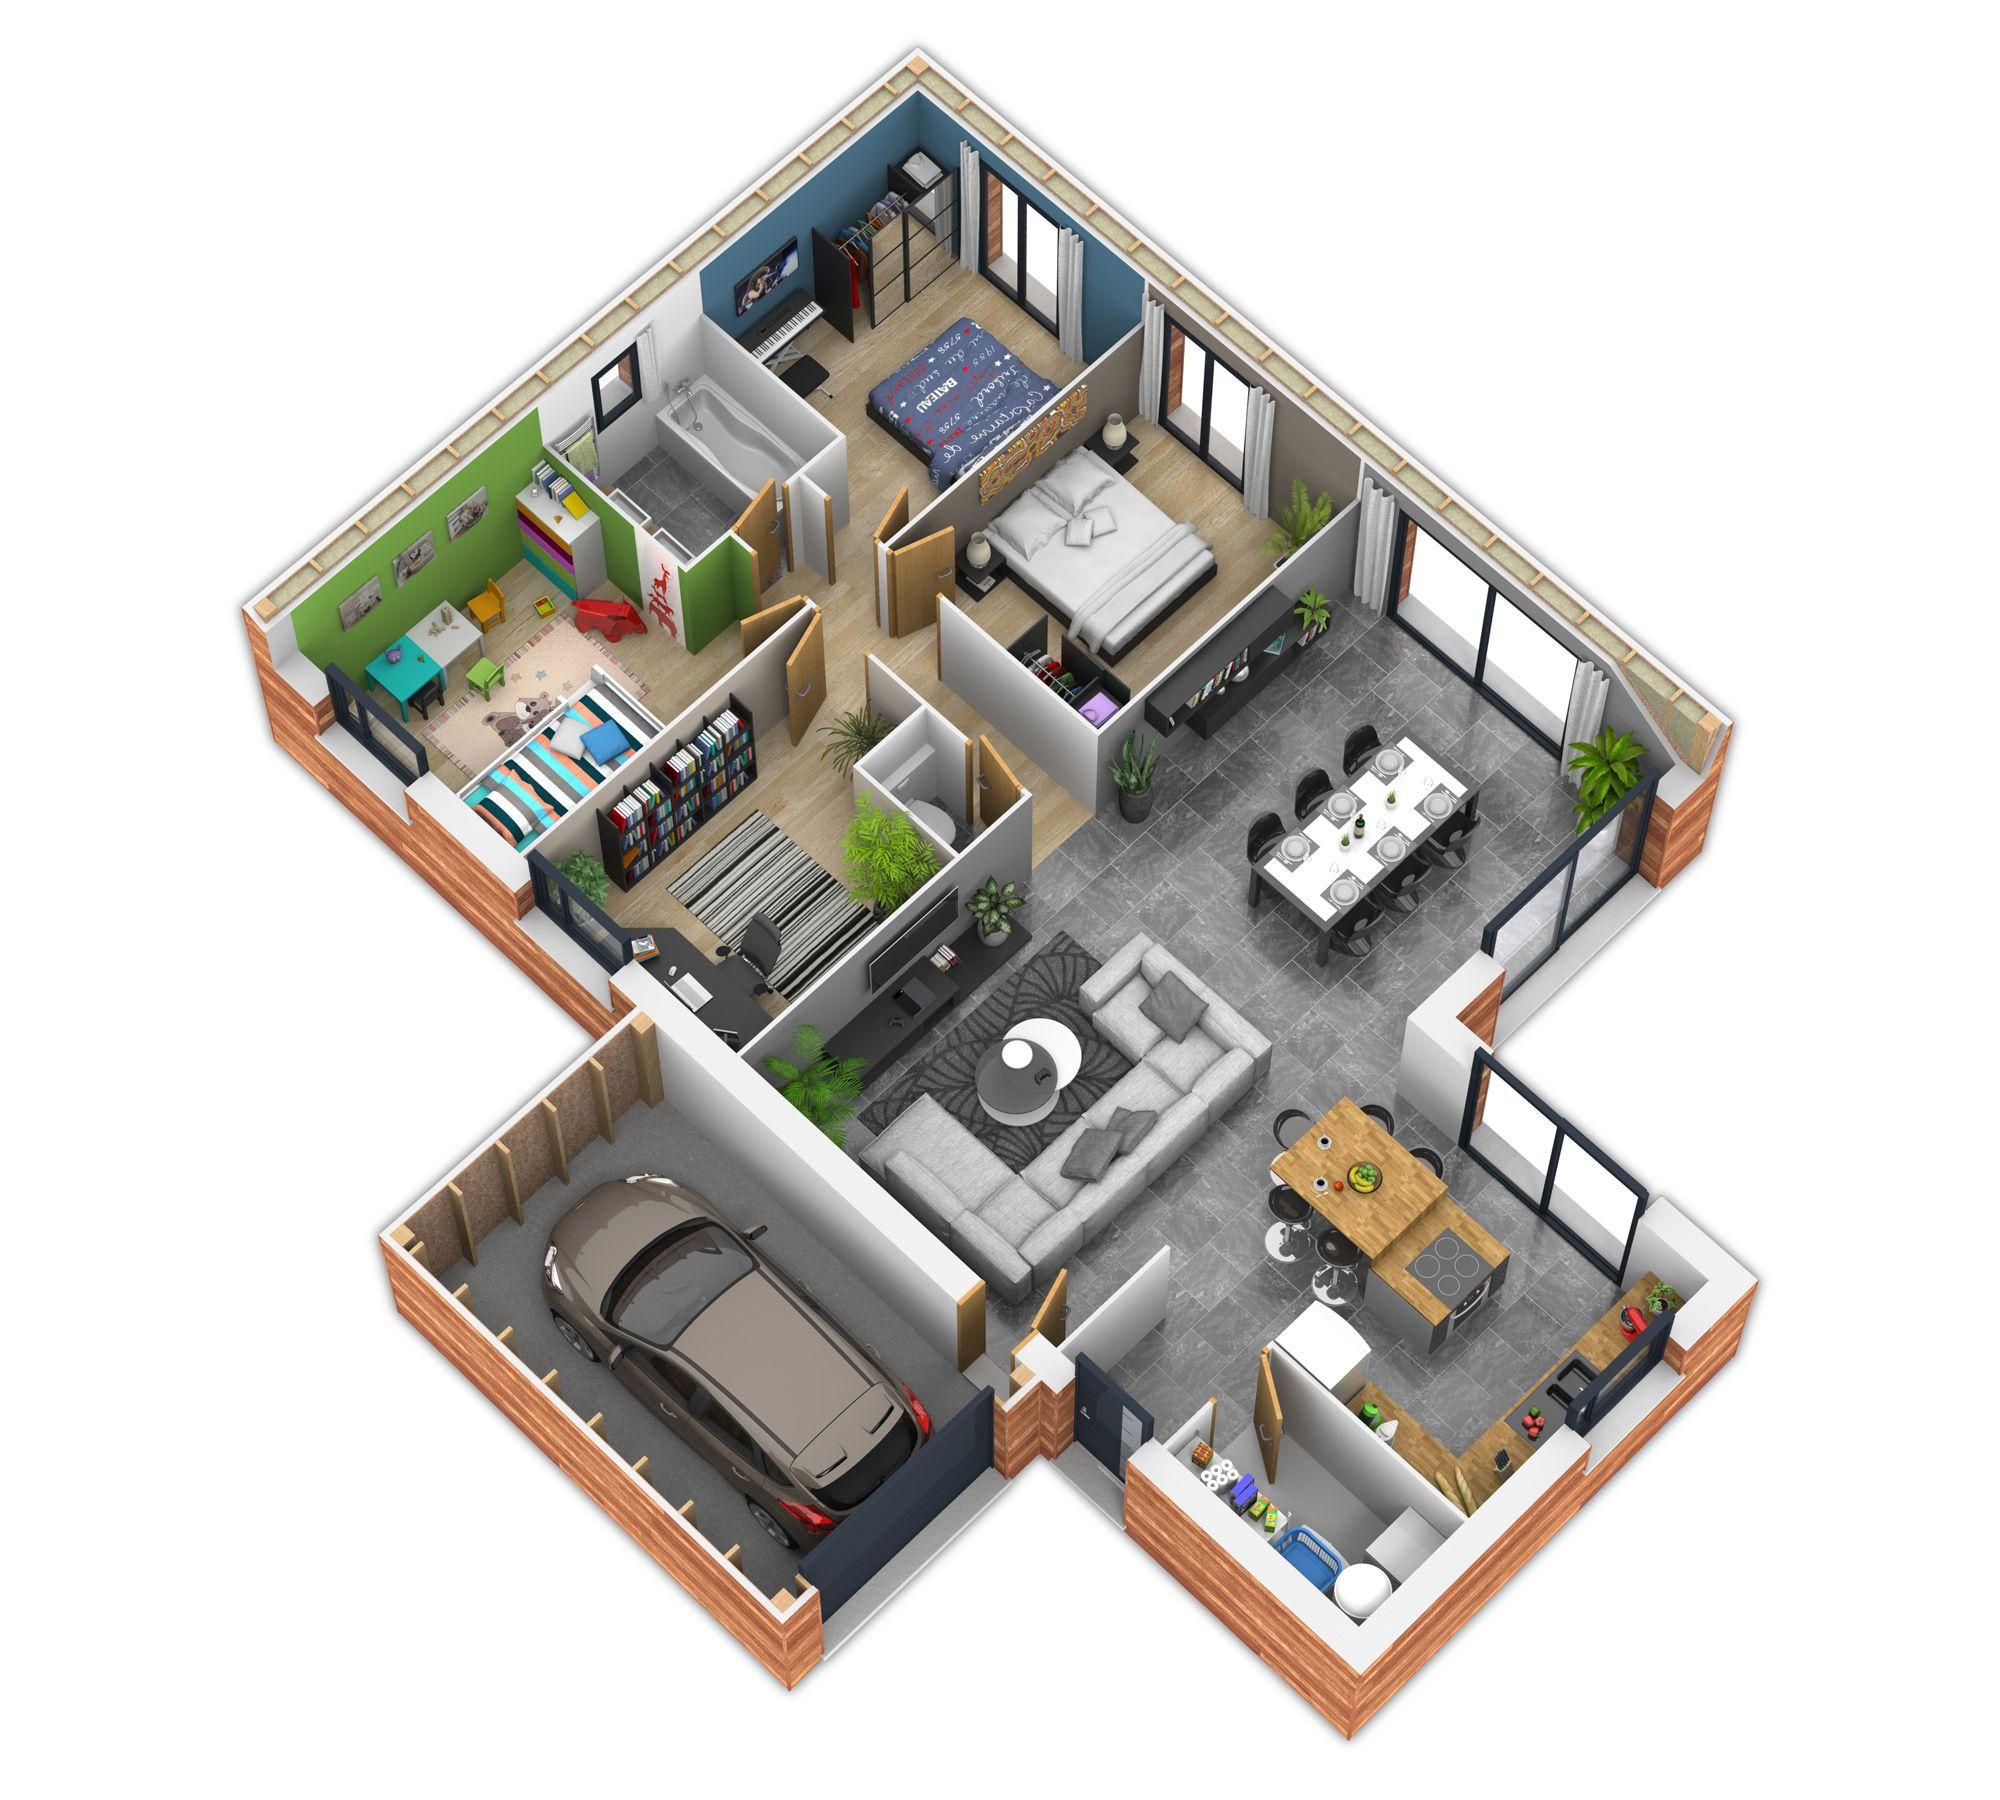 Natisoon toit terrasse id e pour ma maison pinterest for Creer interieur maison 3d